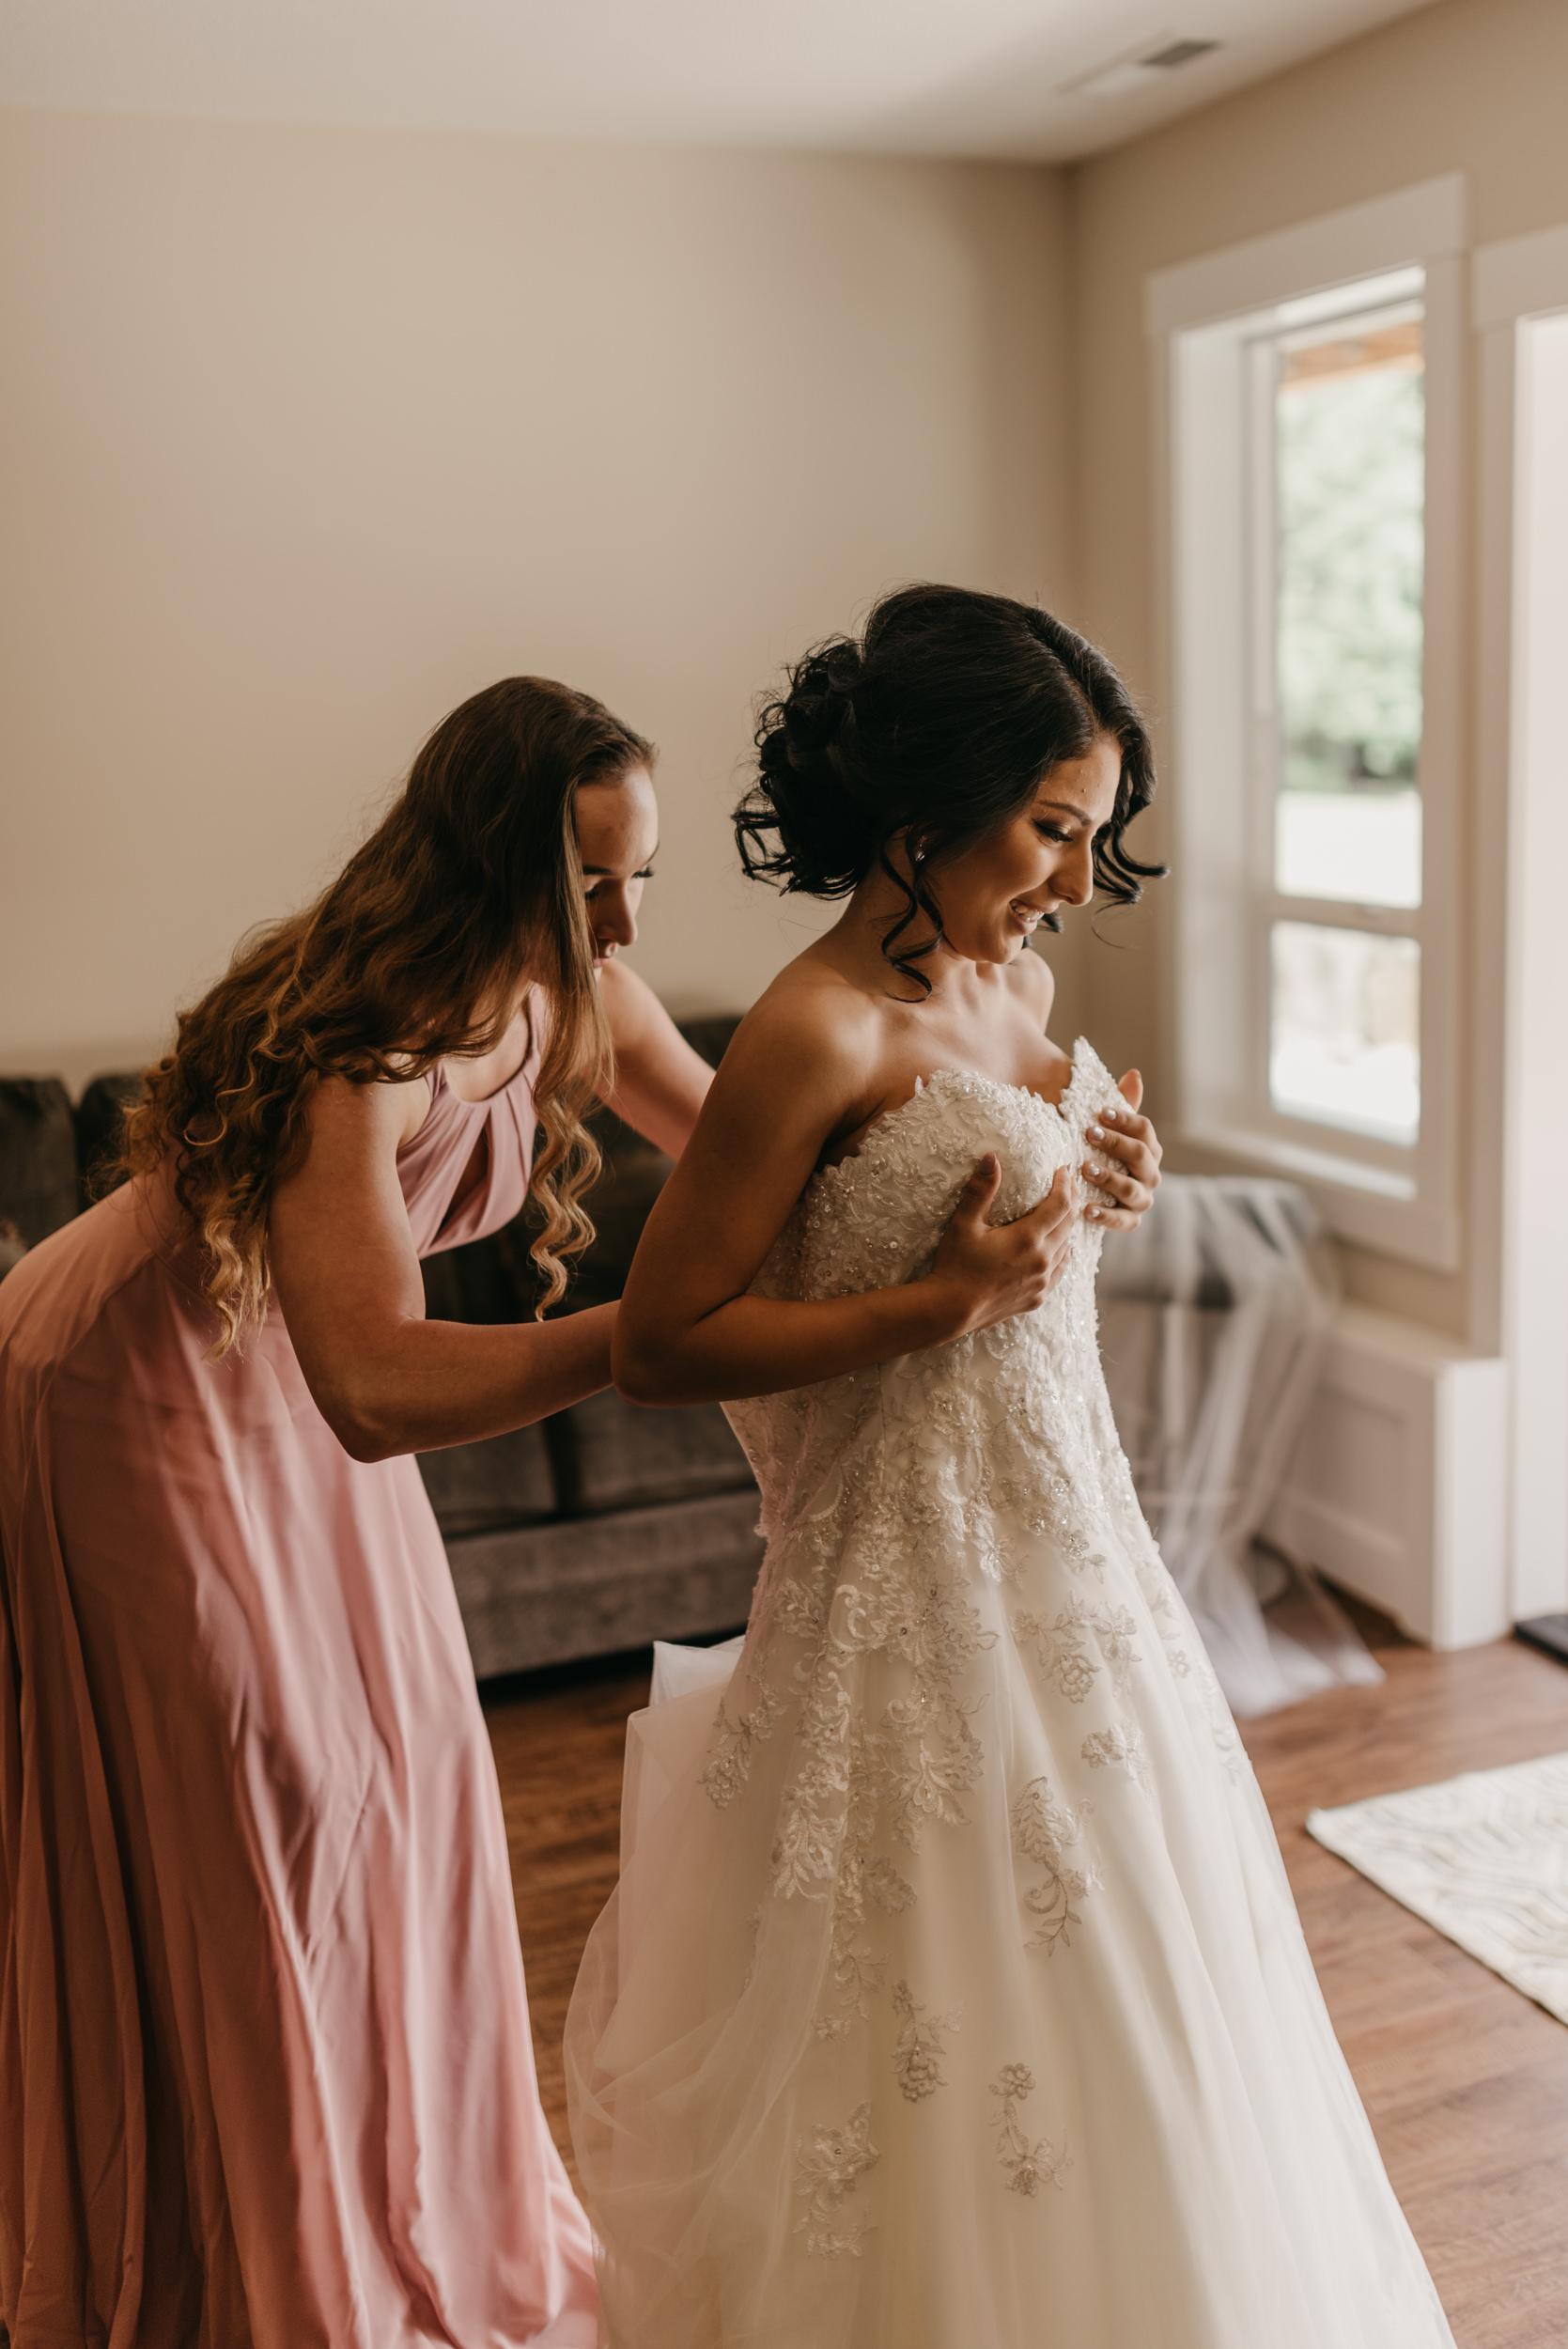 12-bride-getting-ready-groom-bridesmaids-6991.jpg